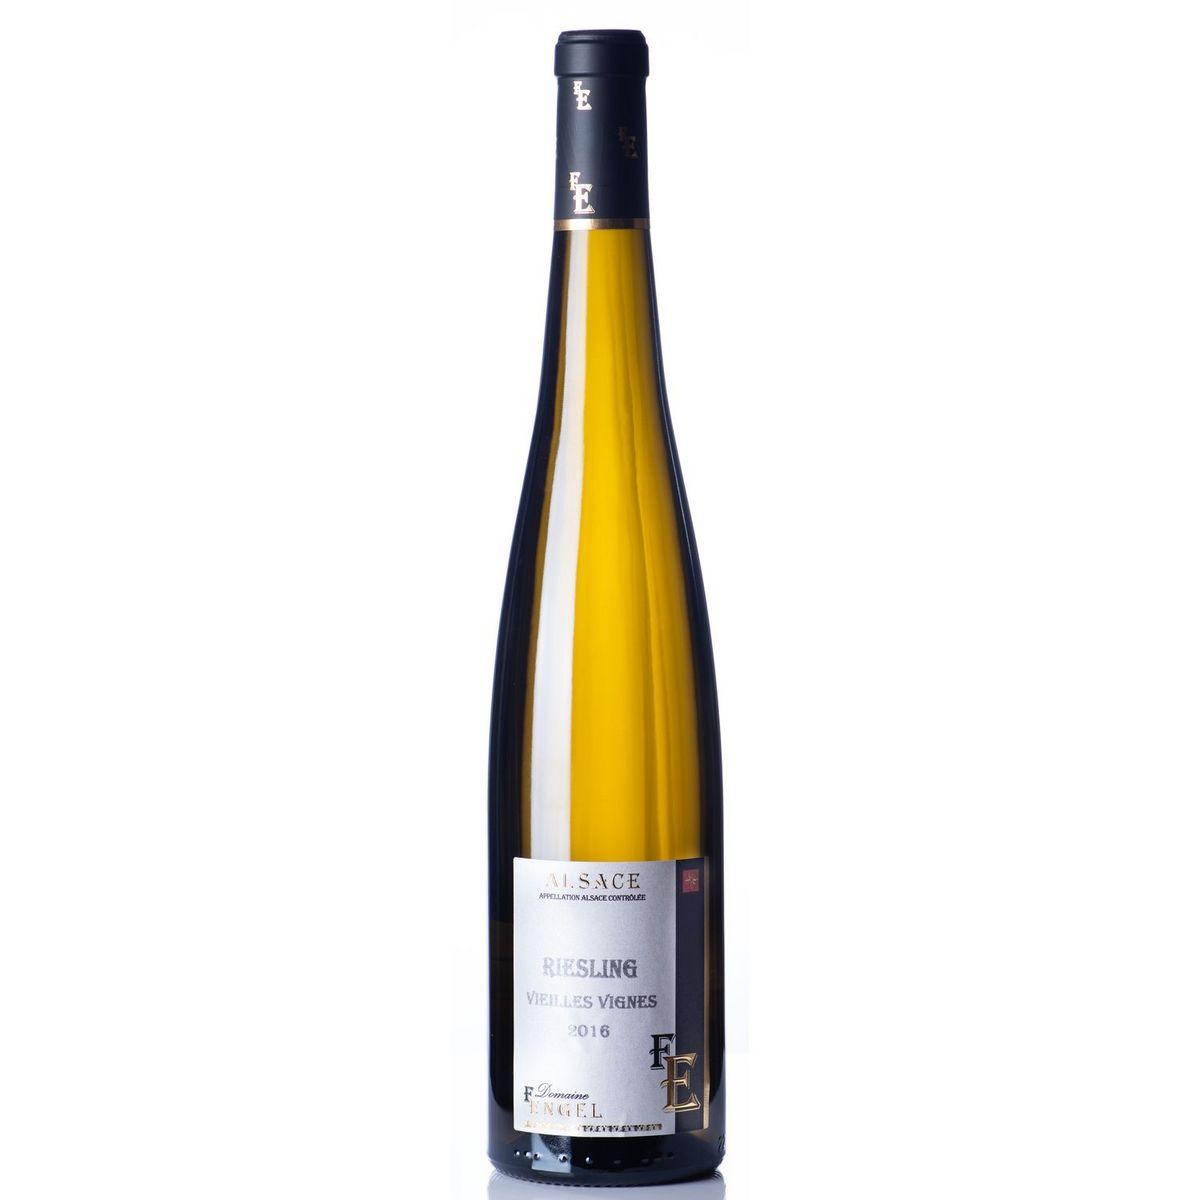 AOP Alsace Riesling bio Domaine Engel vieilles vignes 2016 blanc